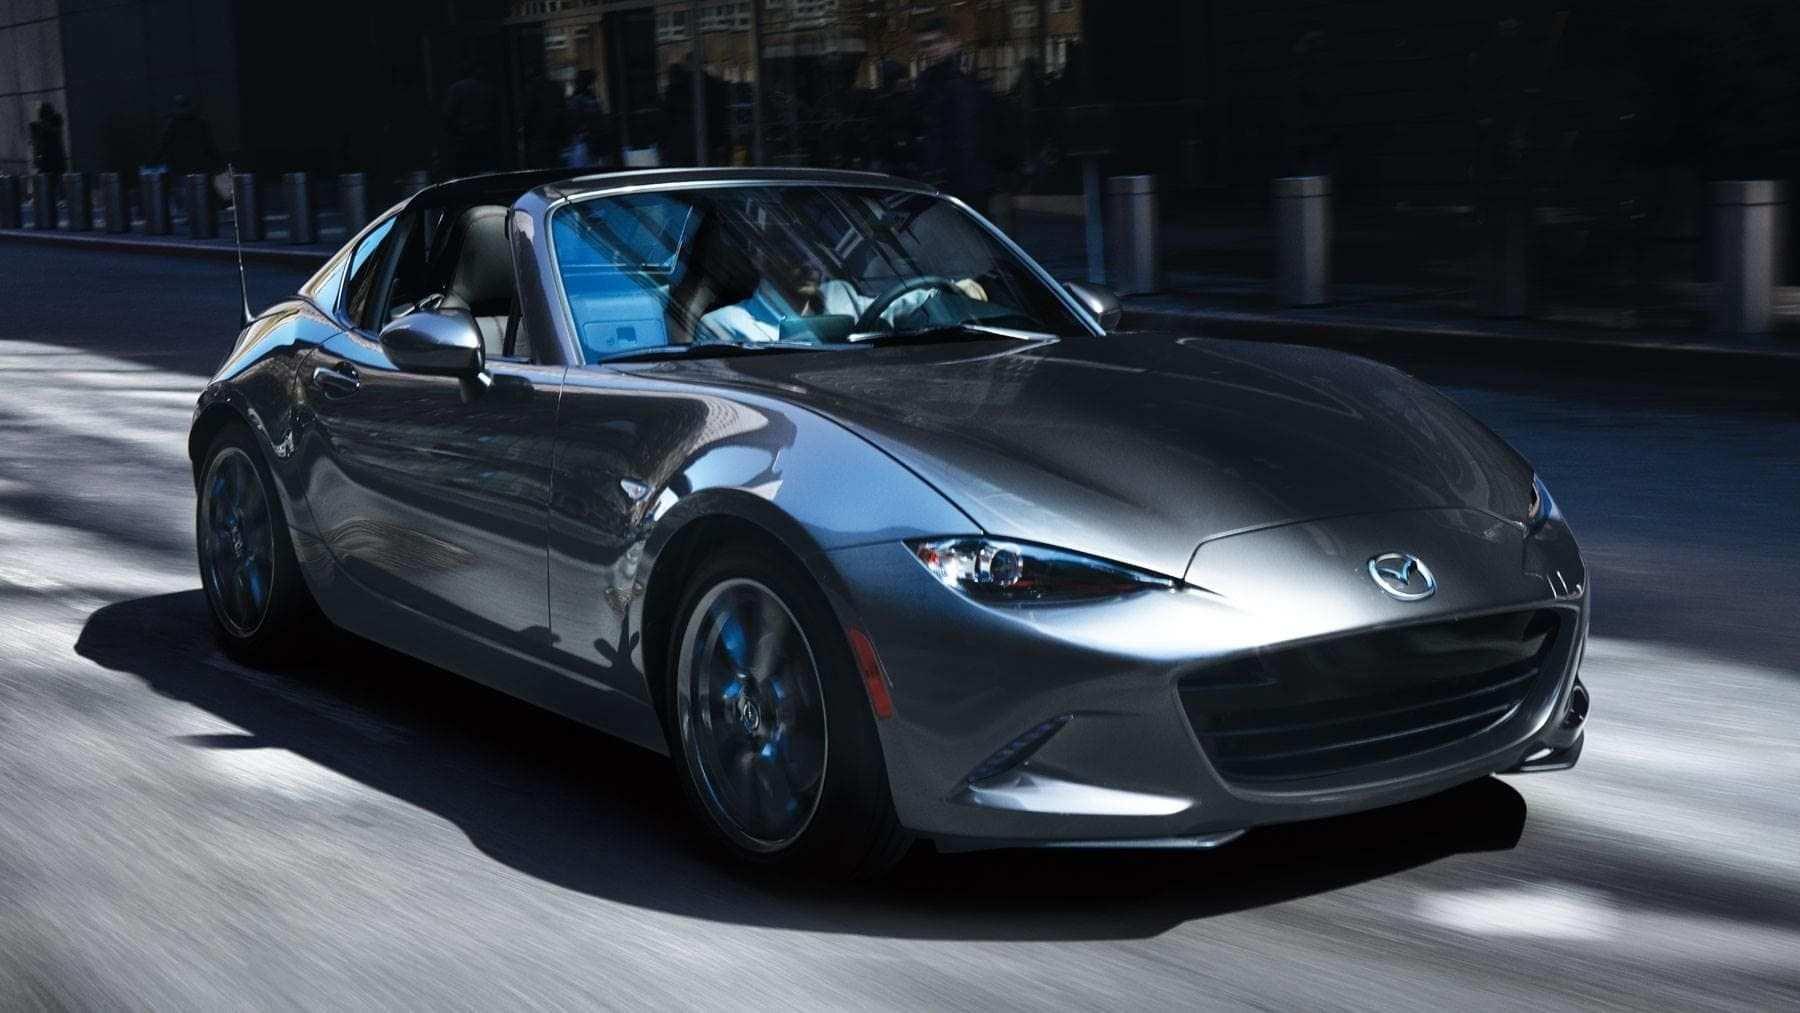 Thompson Mazda Spy Shots Mazda Mx5 Mazda Miata Mazda Mx5 Miata